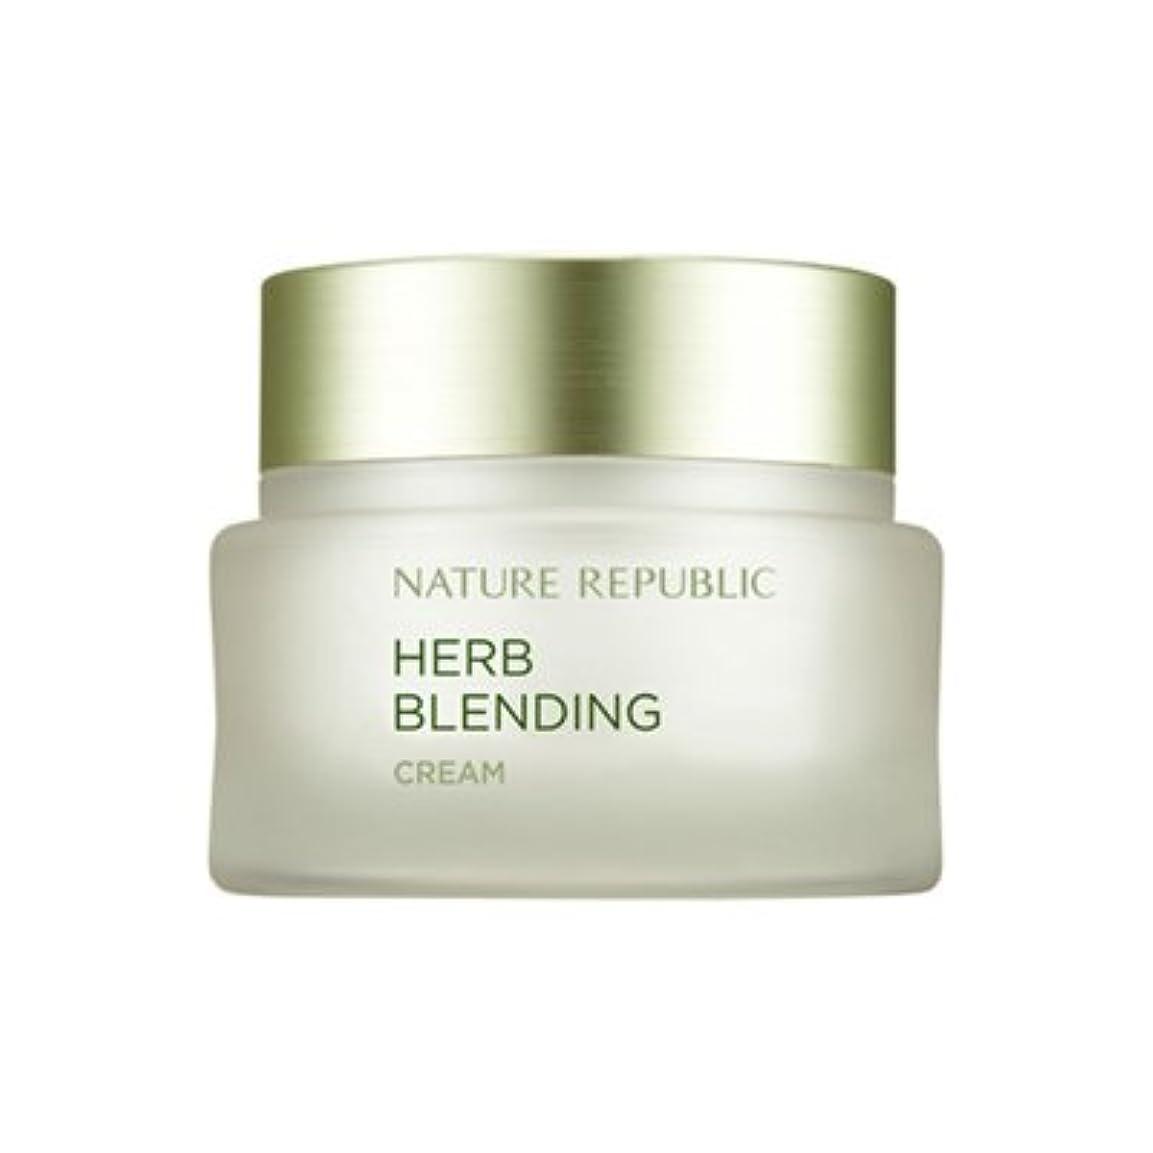 気分効率的にフレッシュNATURE REPUBLIC Herb Blending Cream ネイチャーリパブリック ハーブブレンドクリーム [並行輸入品]